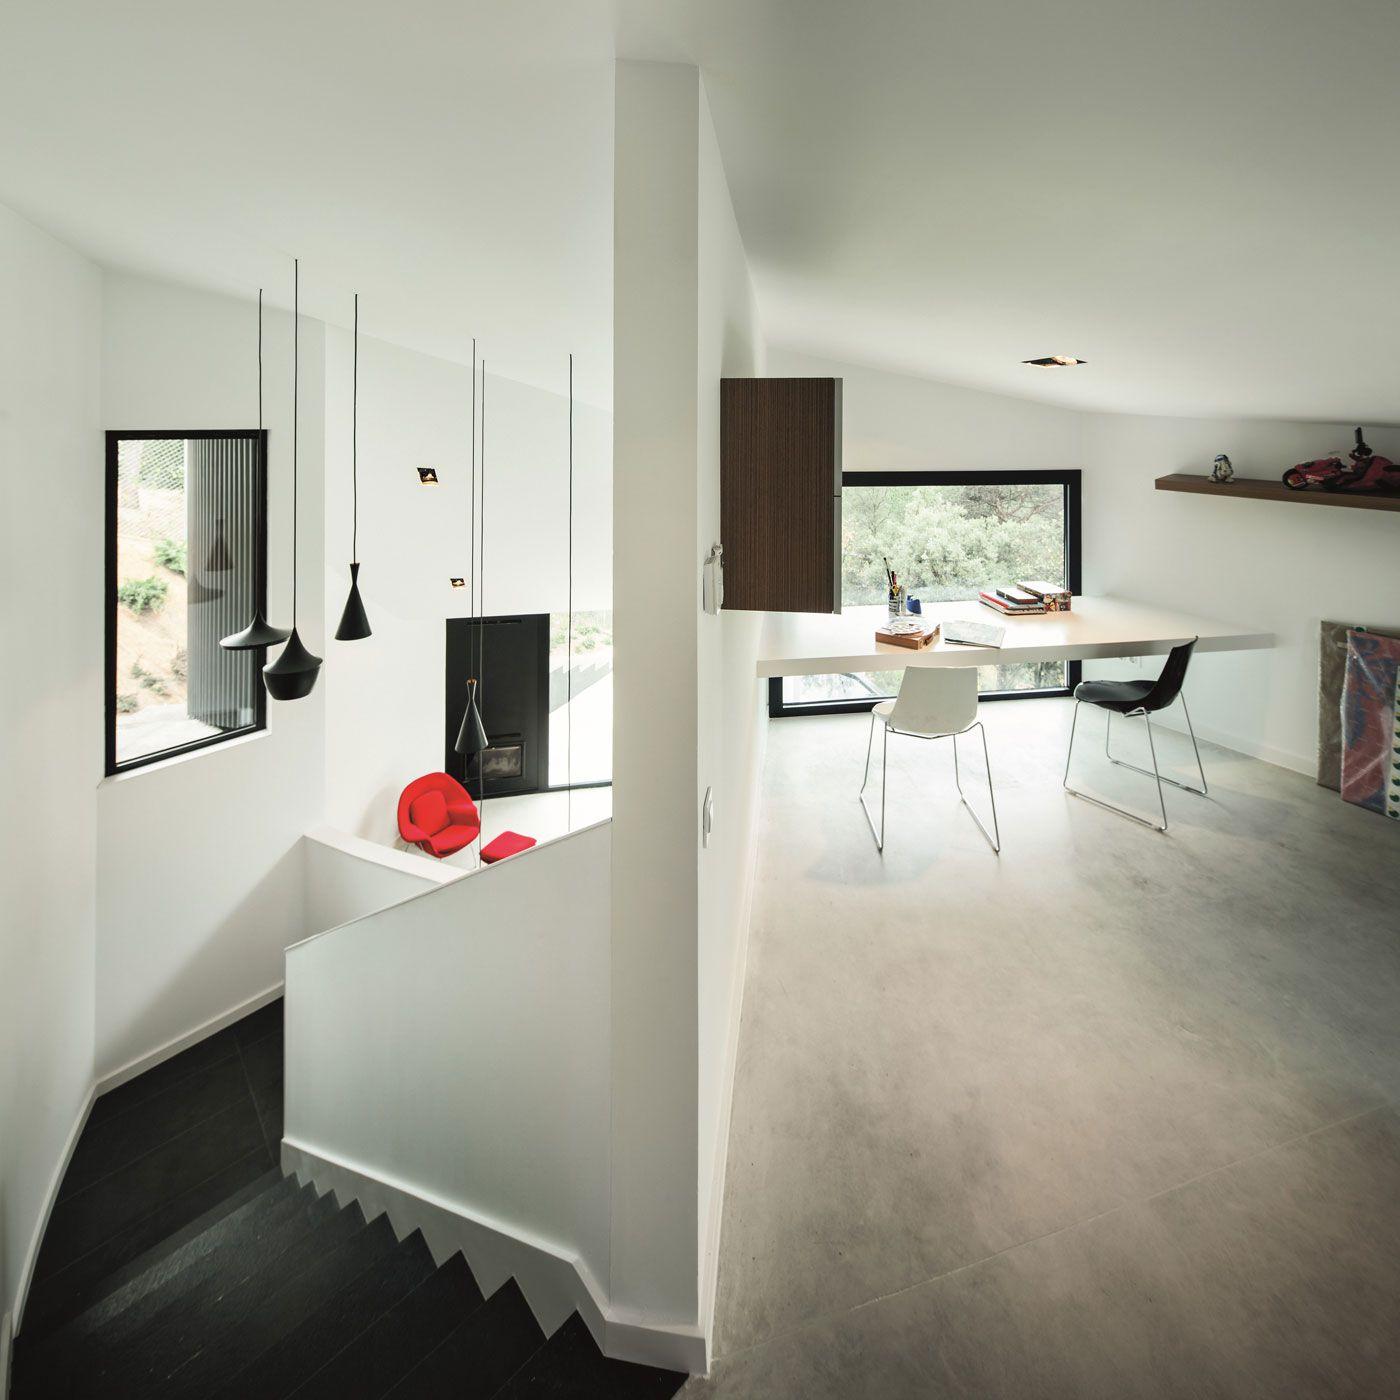 House-AT-07